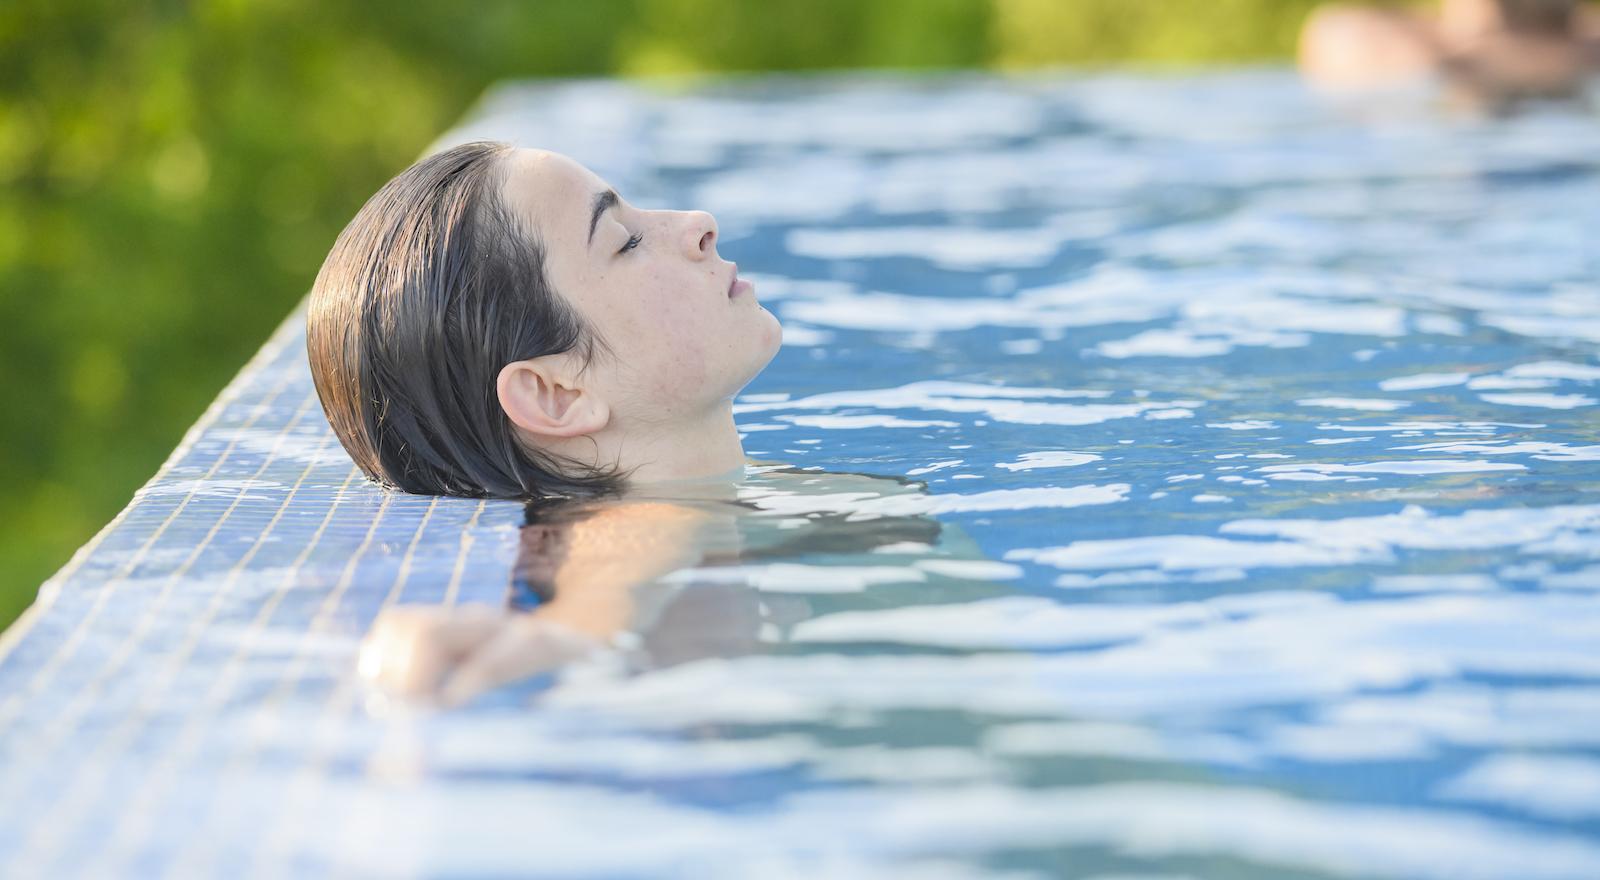 Cómo ajustar correctamente el pH del agua de la piscina